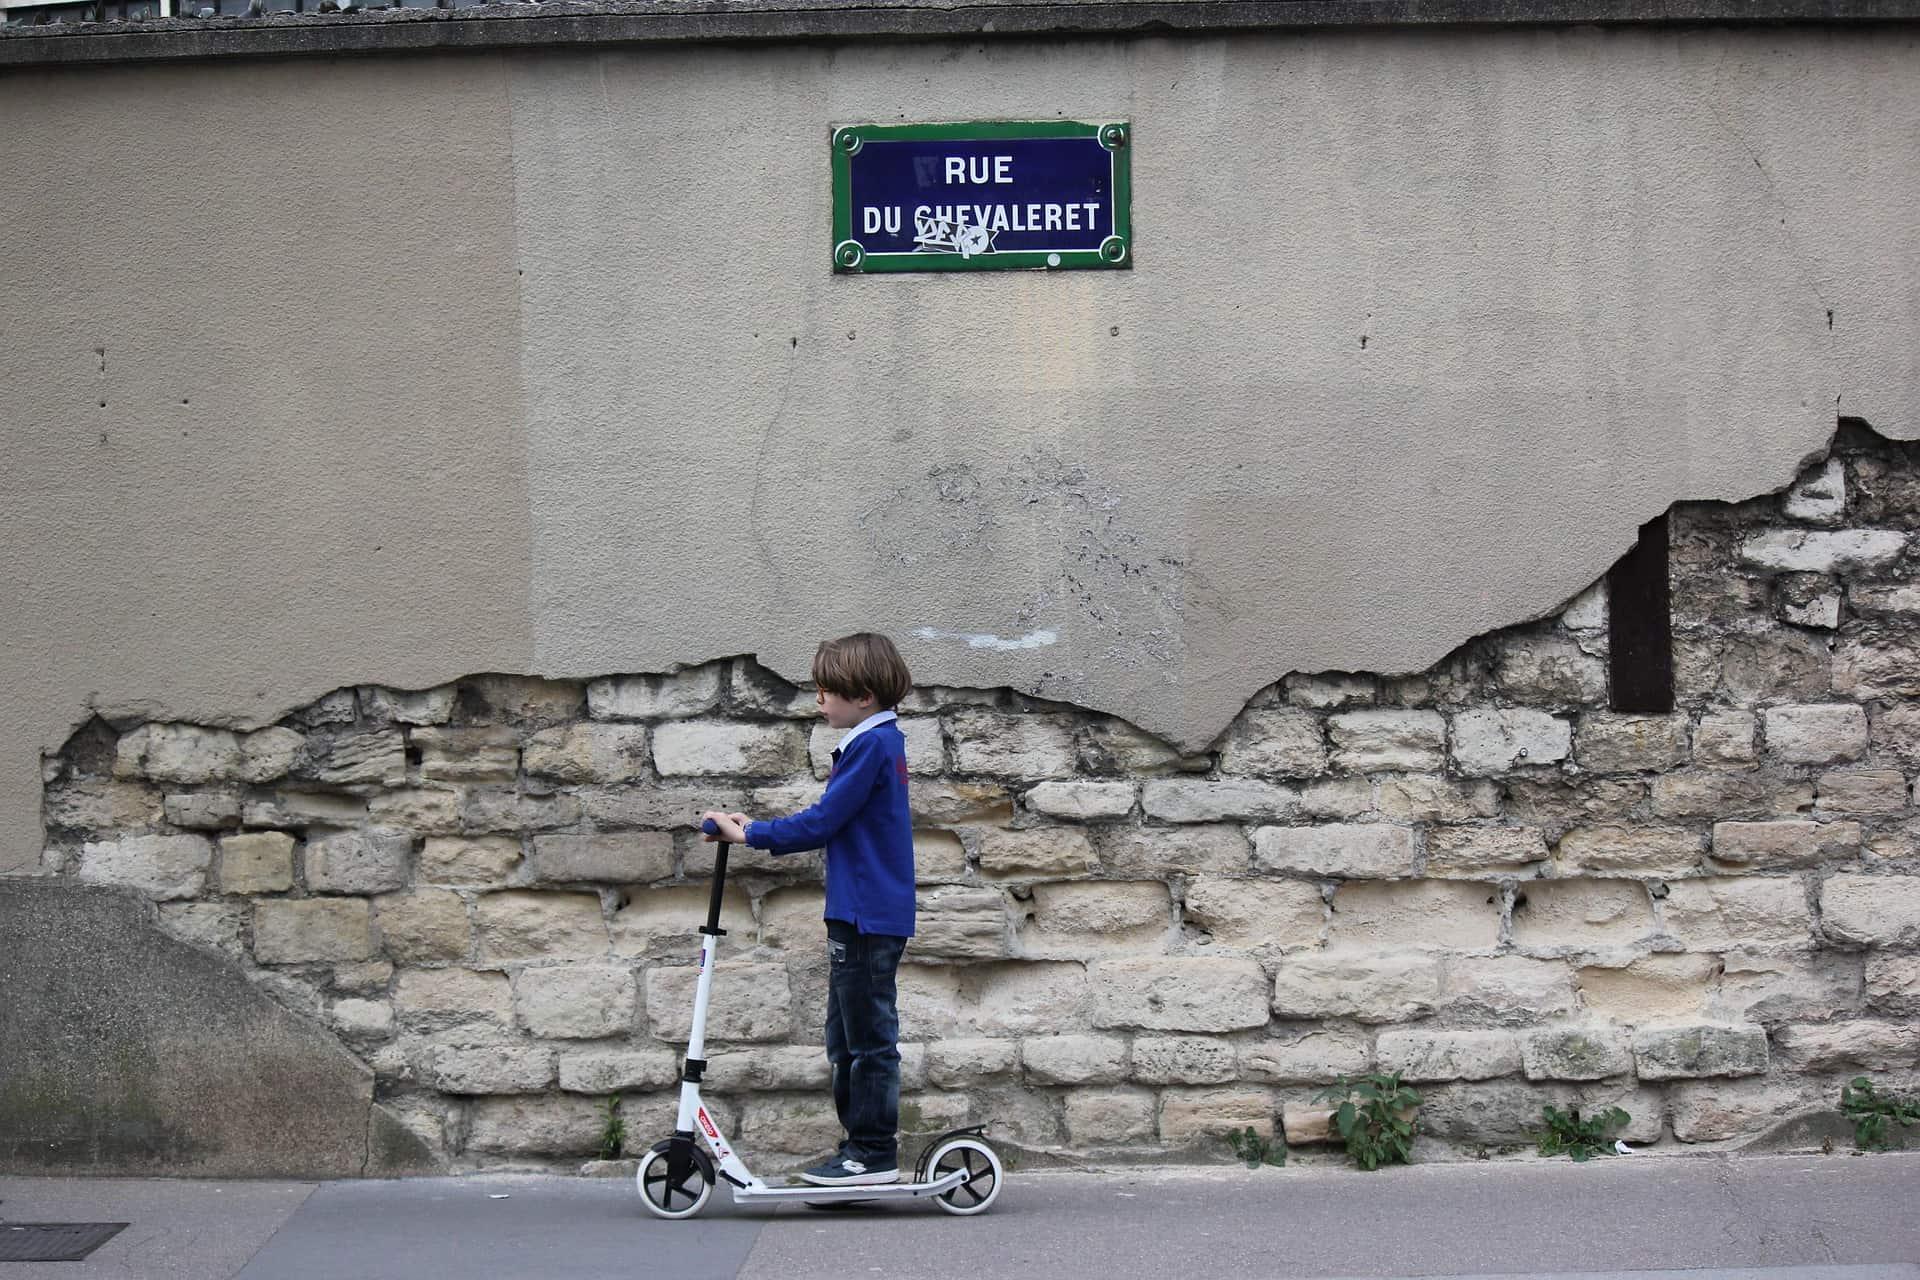 Menino anda de patinete na calçada com um muro rústico ao fundo.